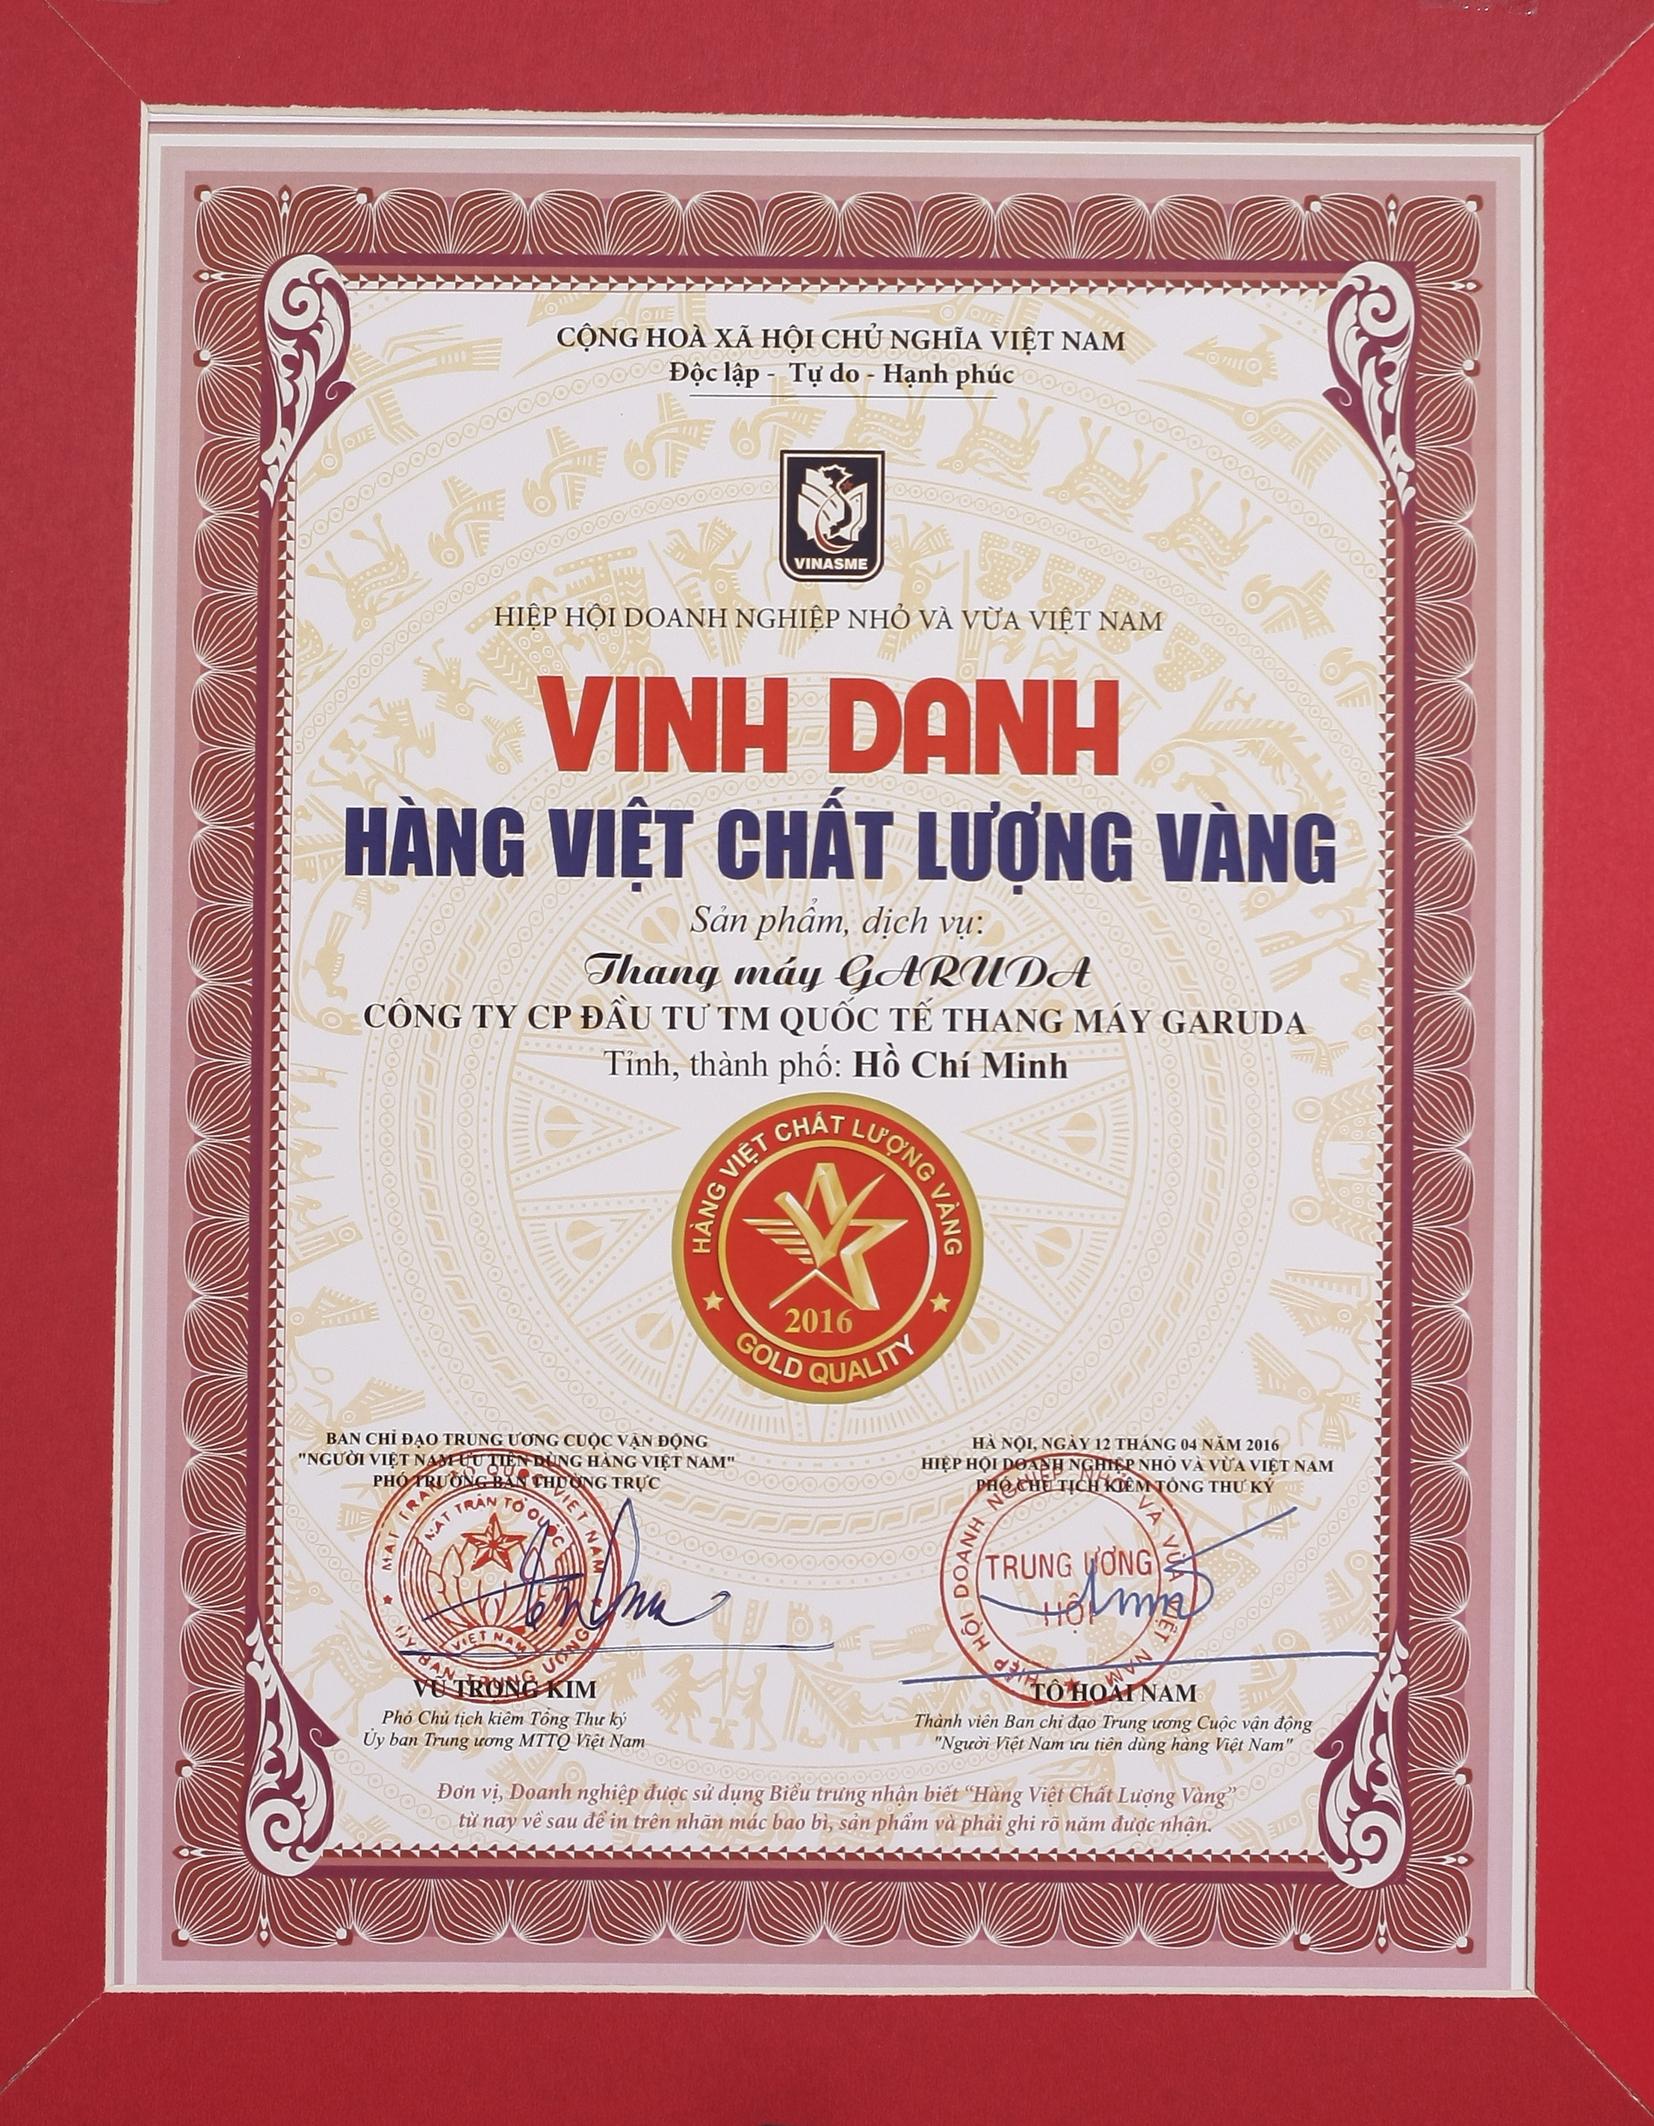 bng-chng-nhn-hng-vit-cht-lng-vng